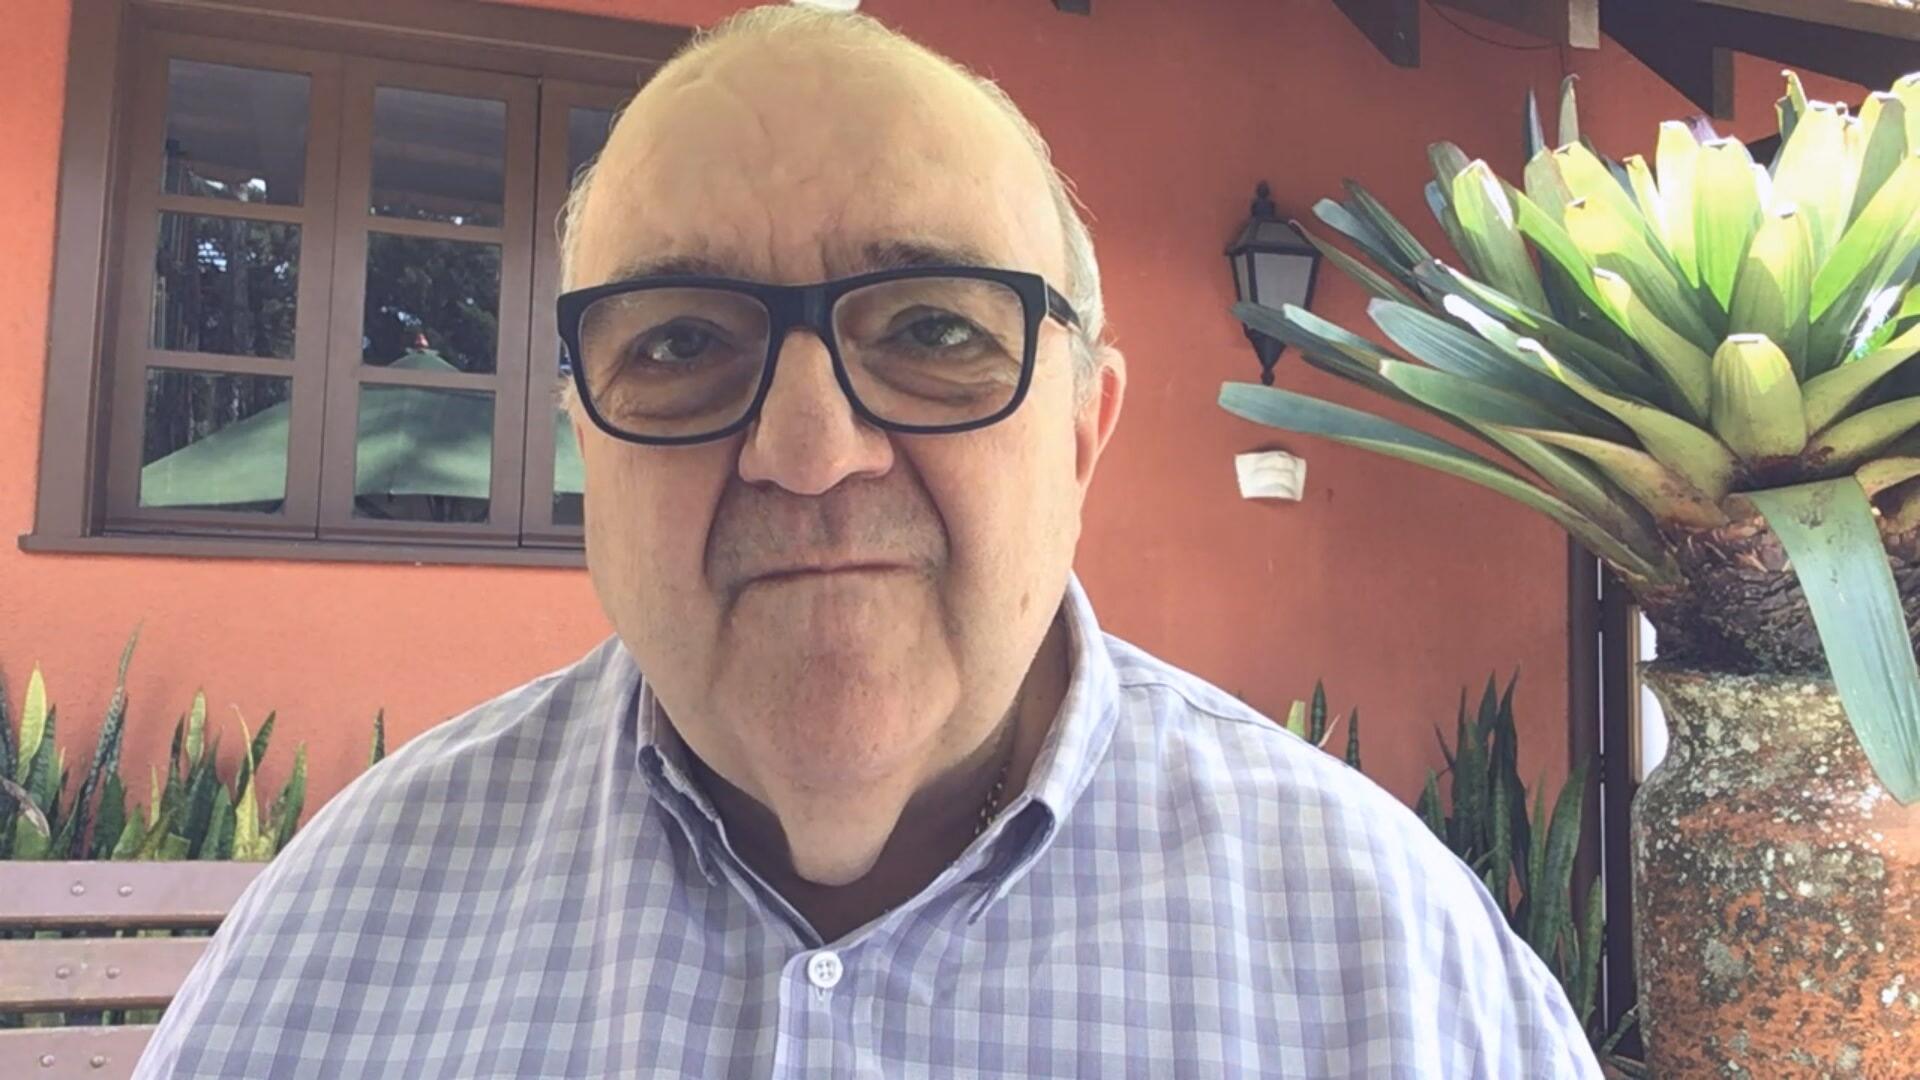 O prefeito de Curitiba Rafael Greca falou sobre a importância do lockdown